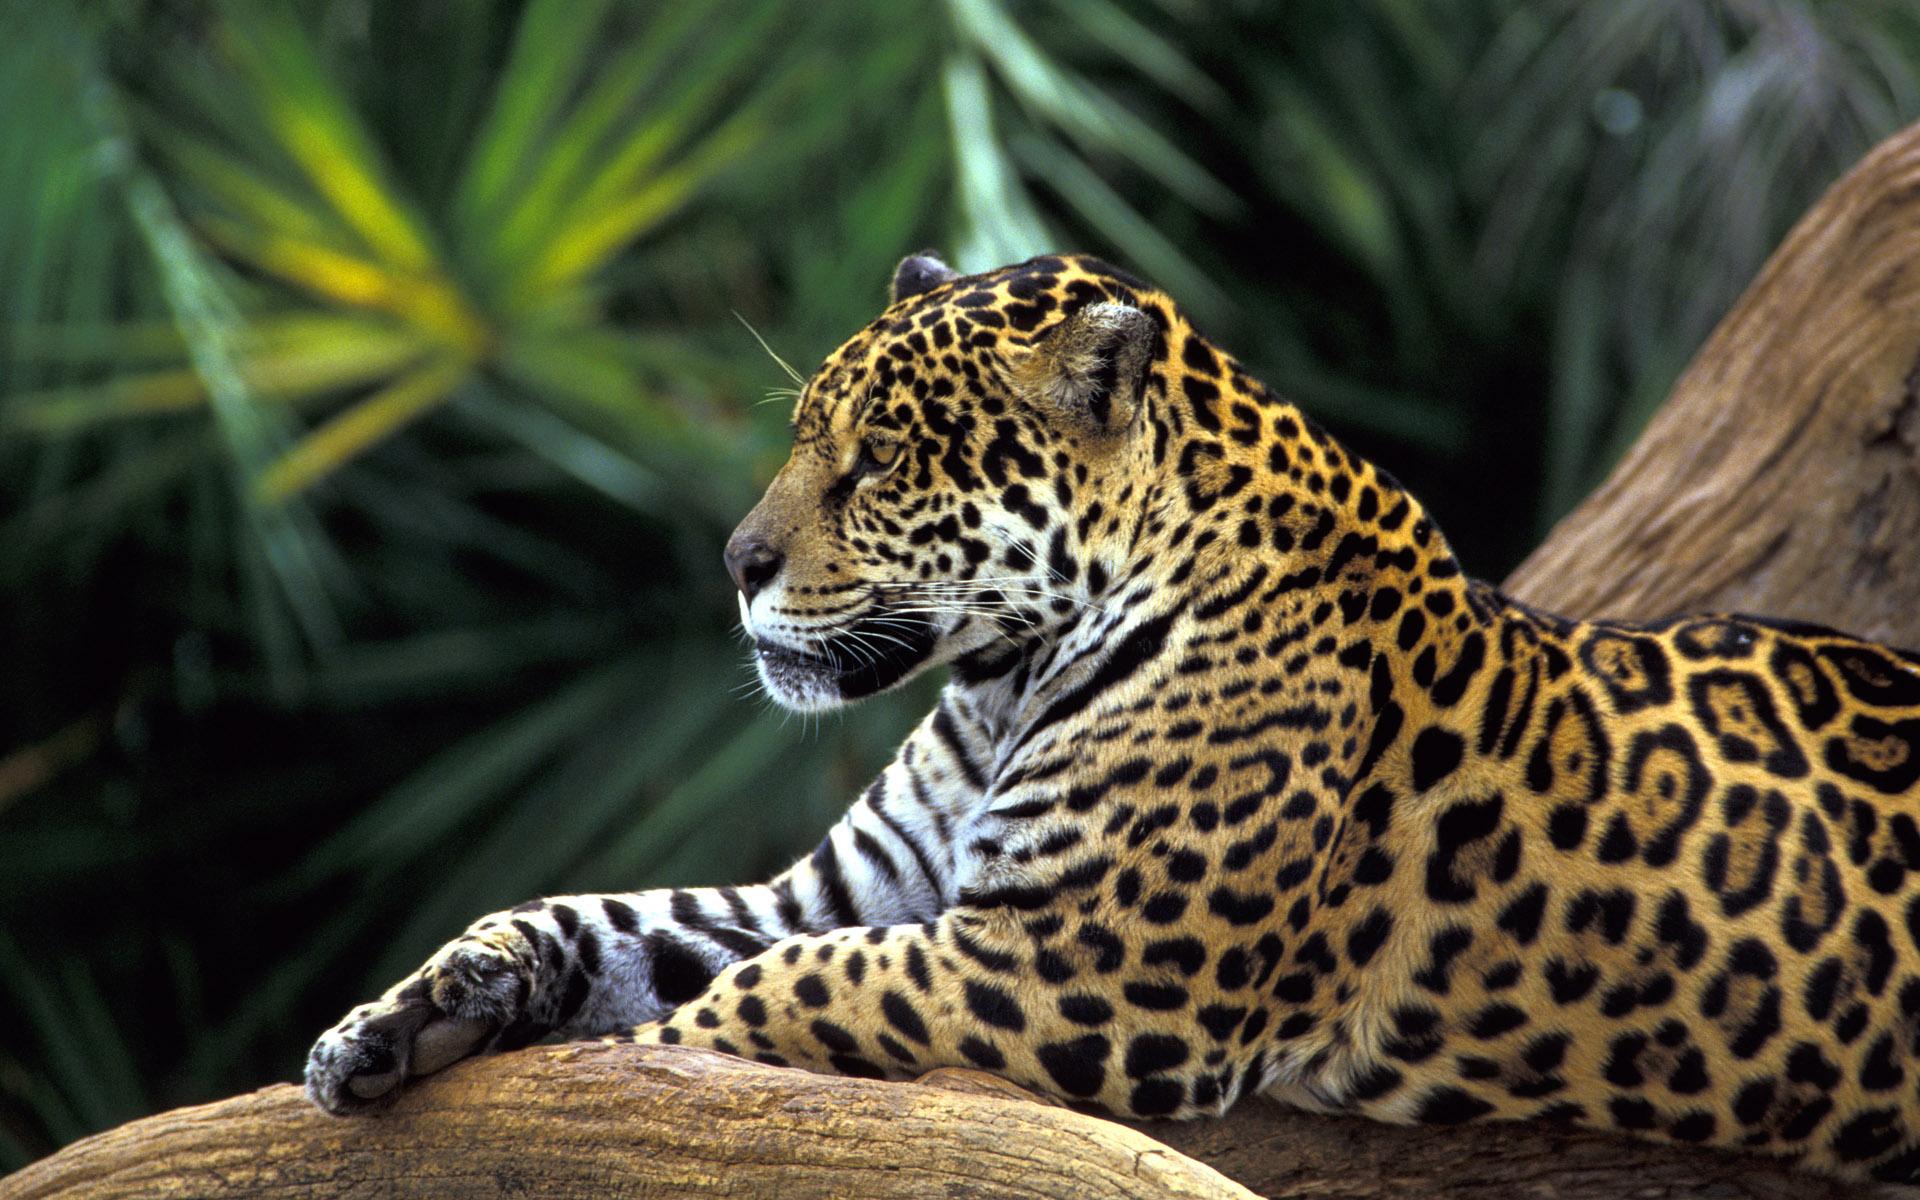 jaguar wallpaper rainforest